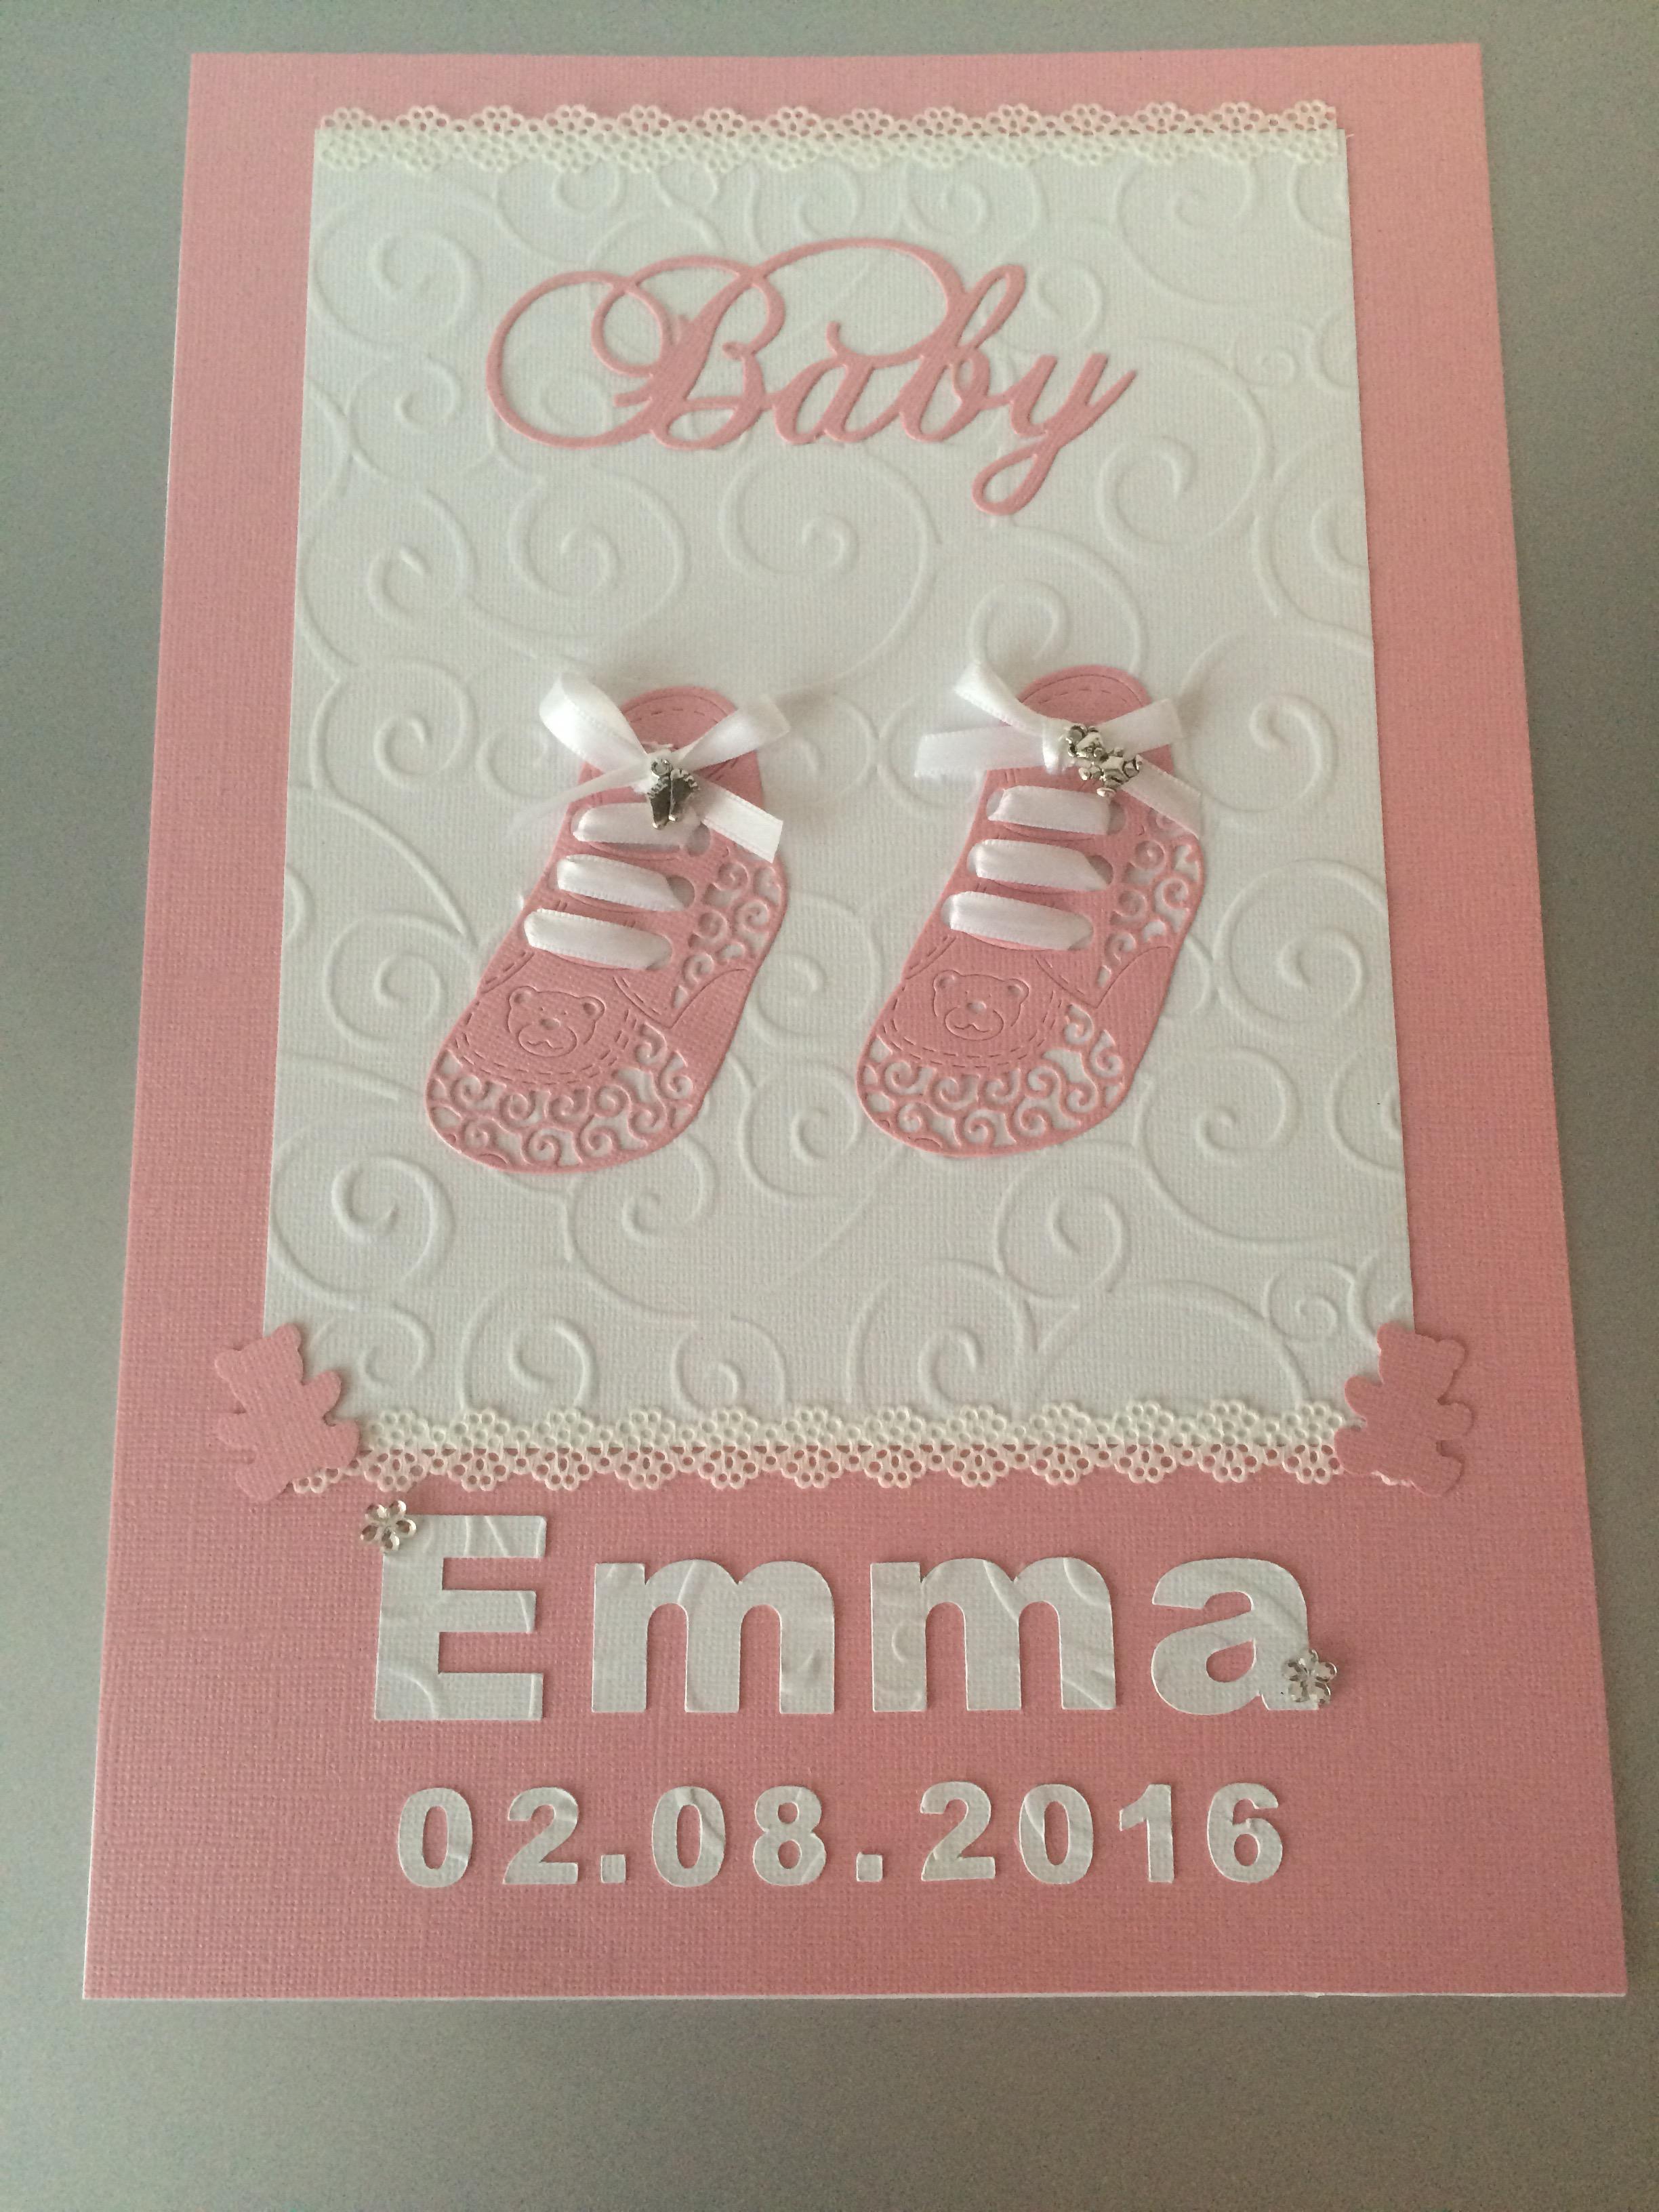 Geburtsanzeige Butterflycards